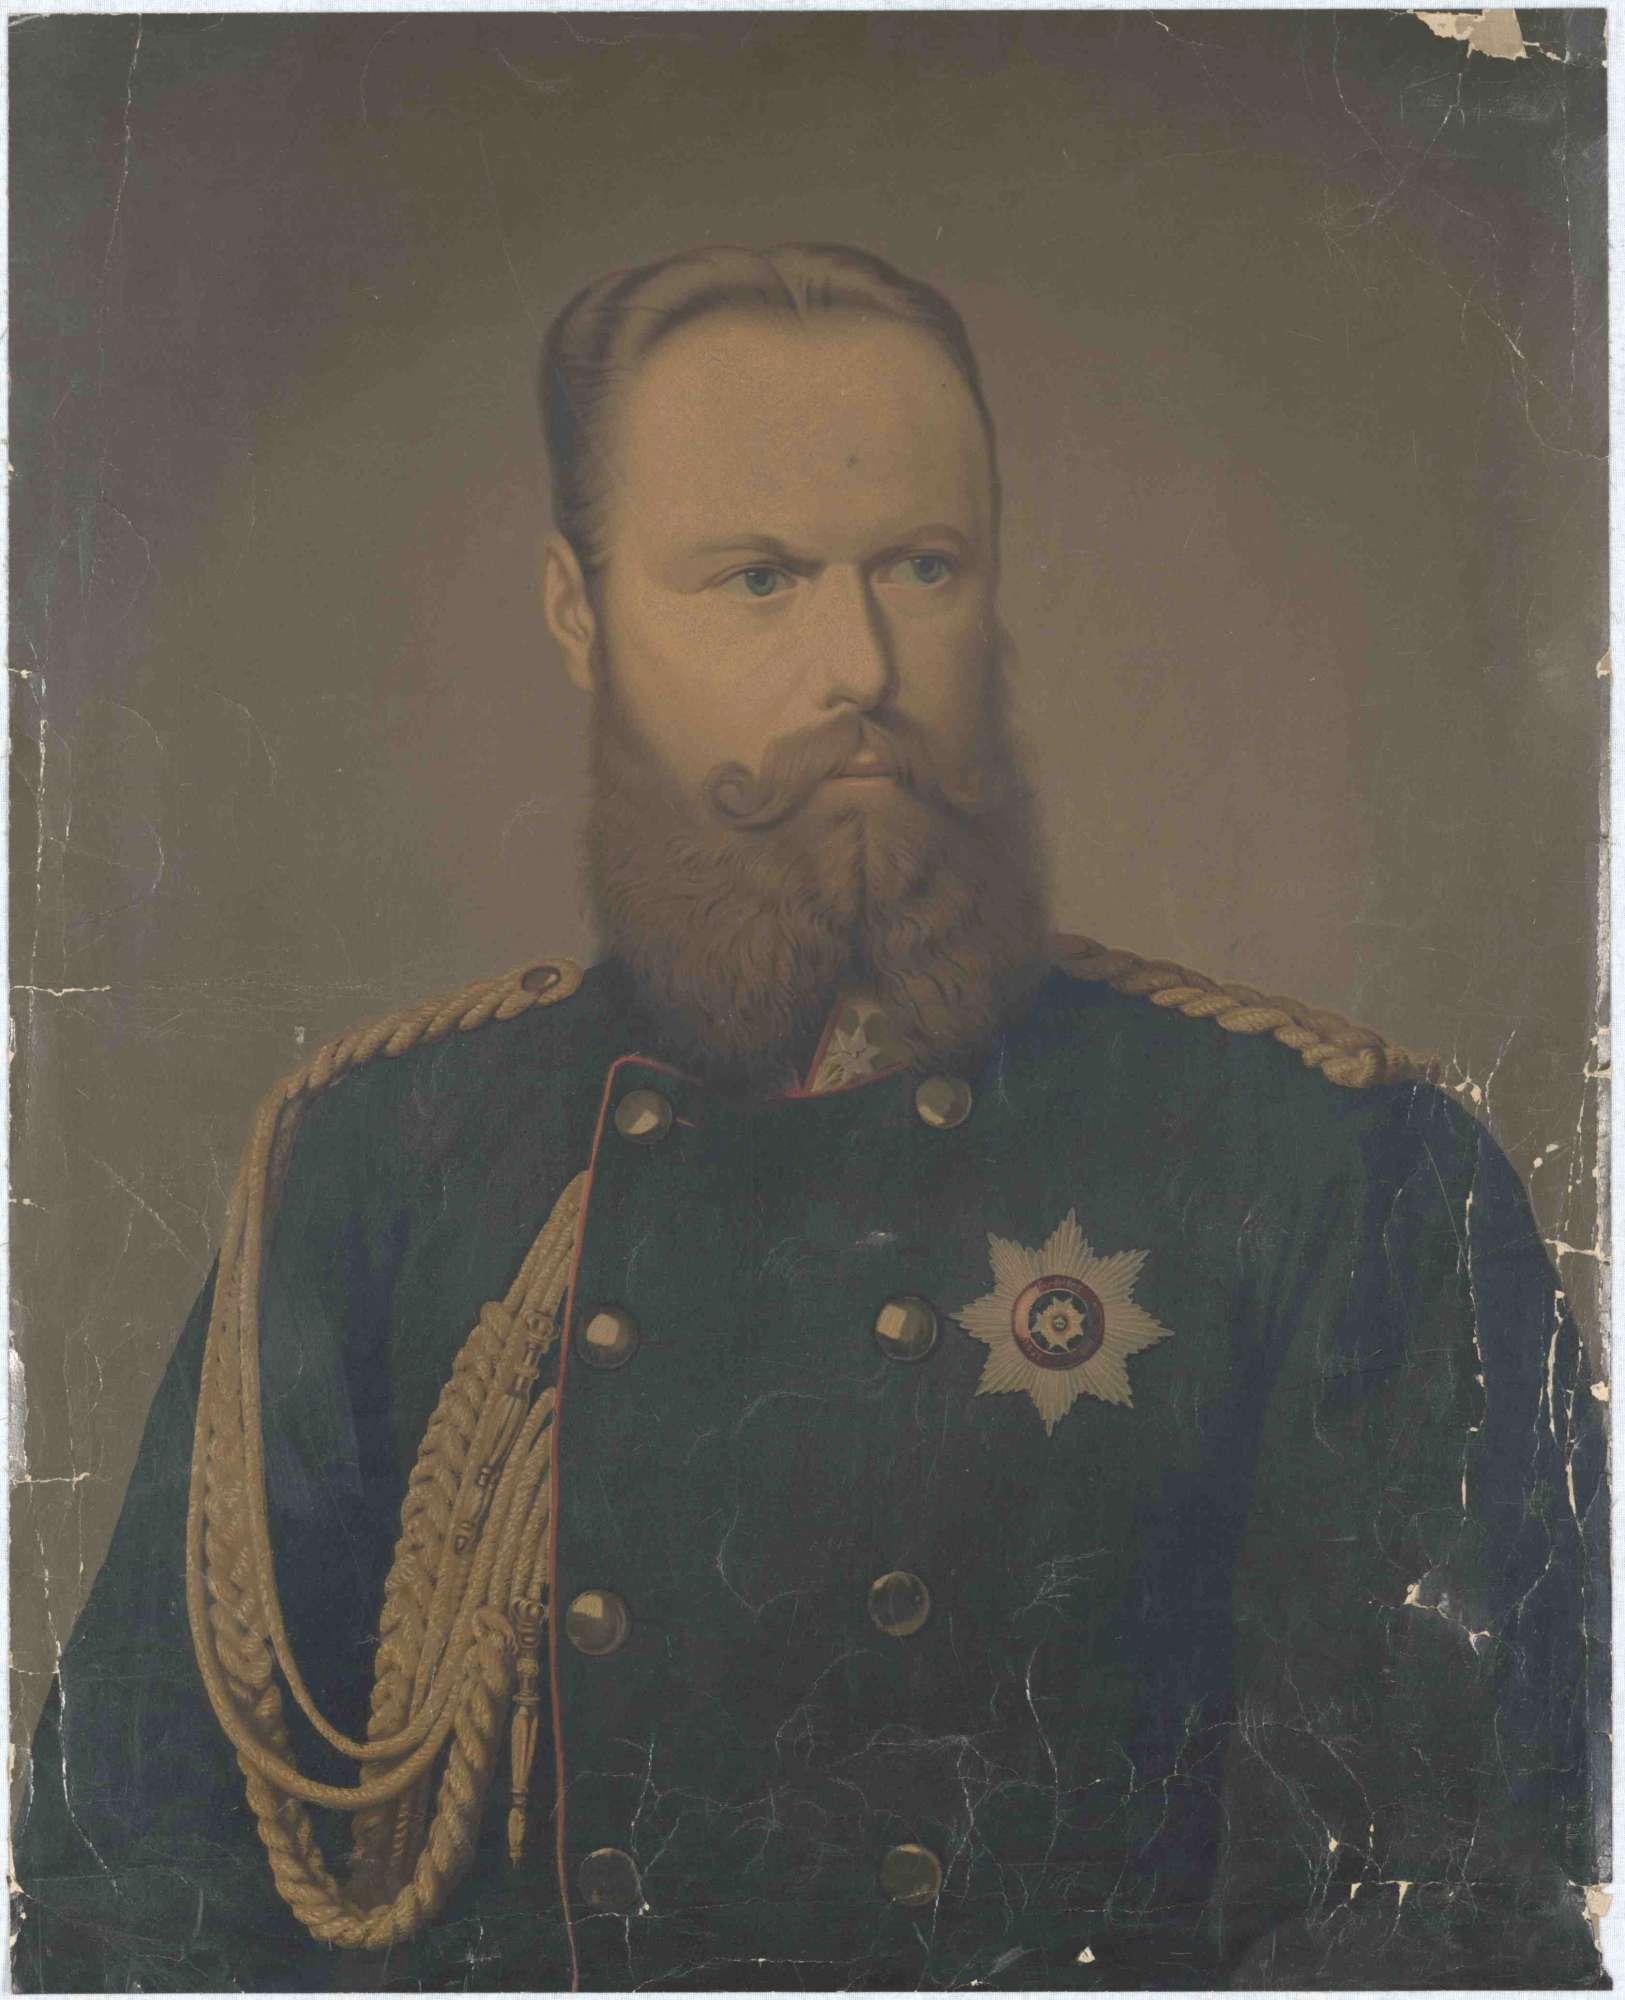 König Karl von Württemberg in Uniform mit Orden, Brustbild in Halbprofil, Bild 1